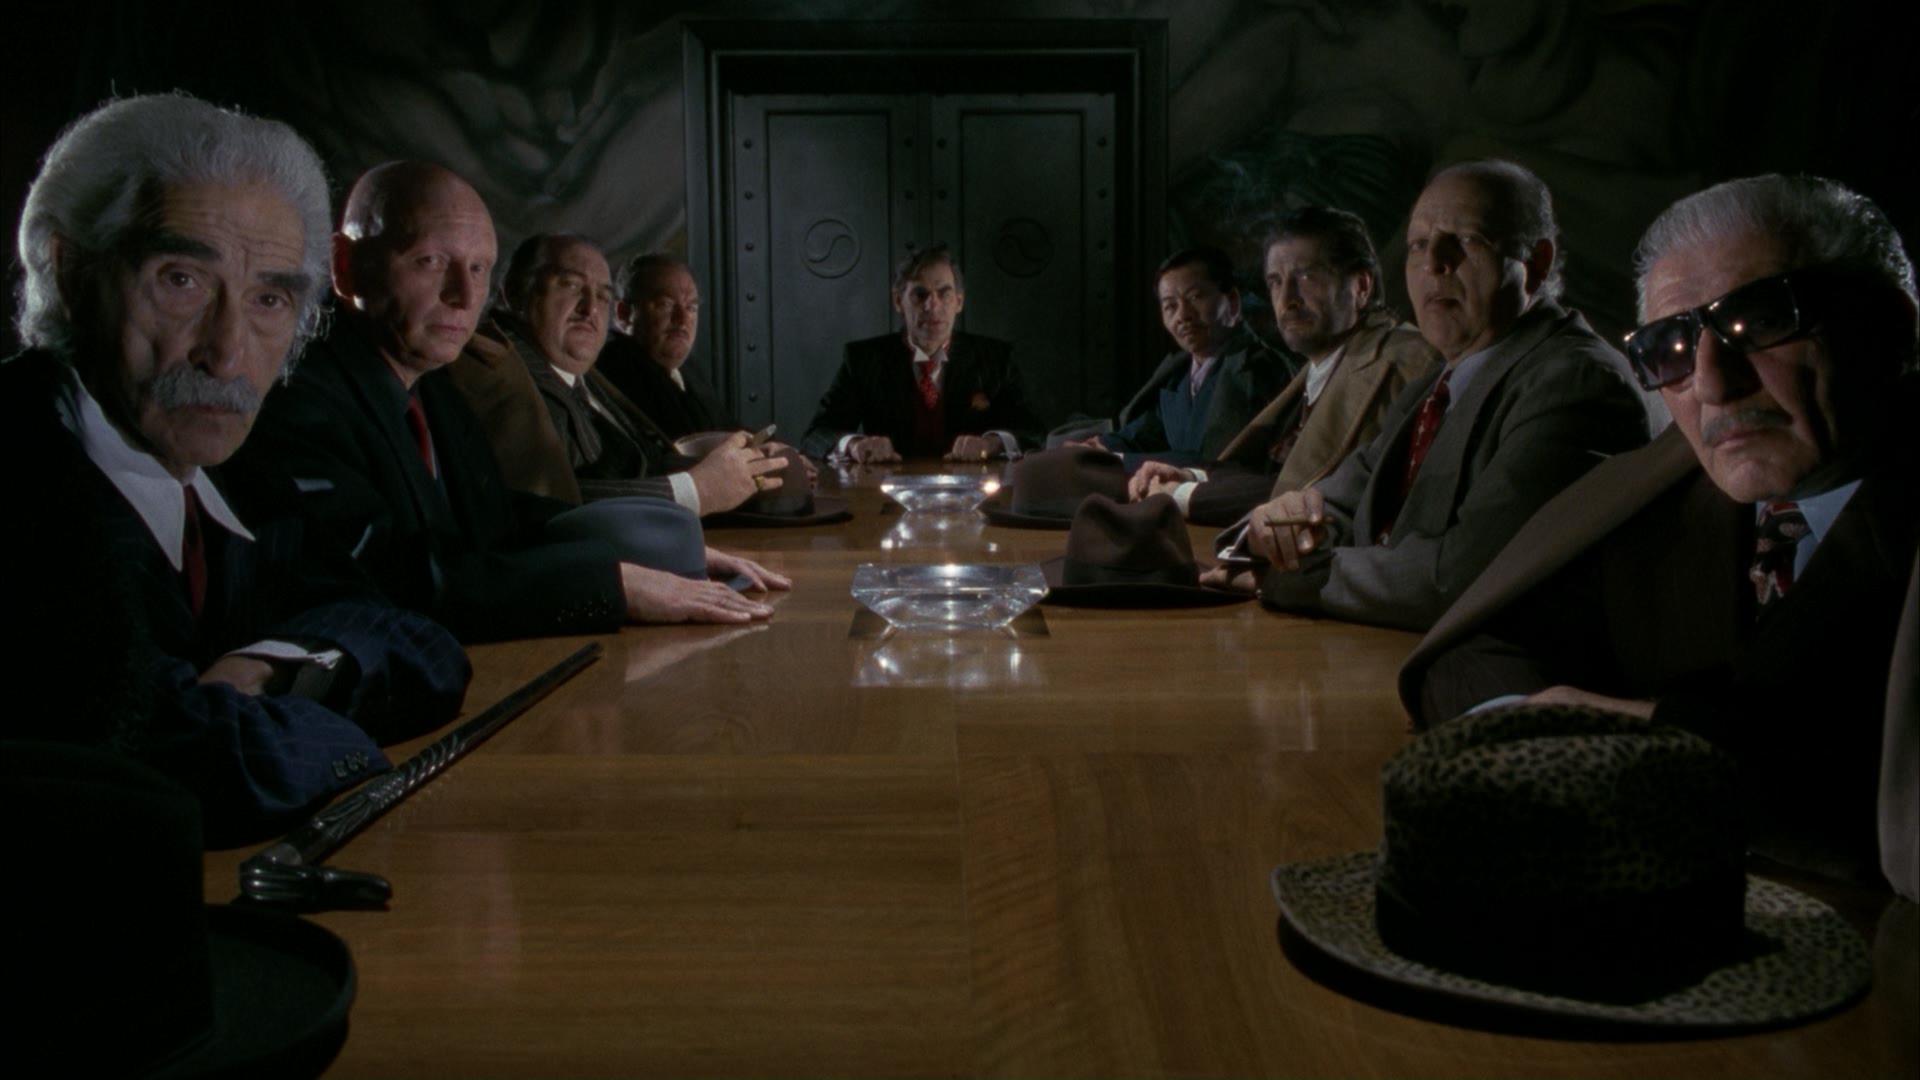 Gotham City Crimelords | Batman Wiki | FANDOM powered by Wikia